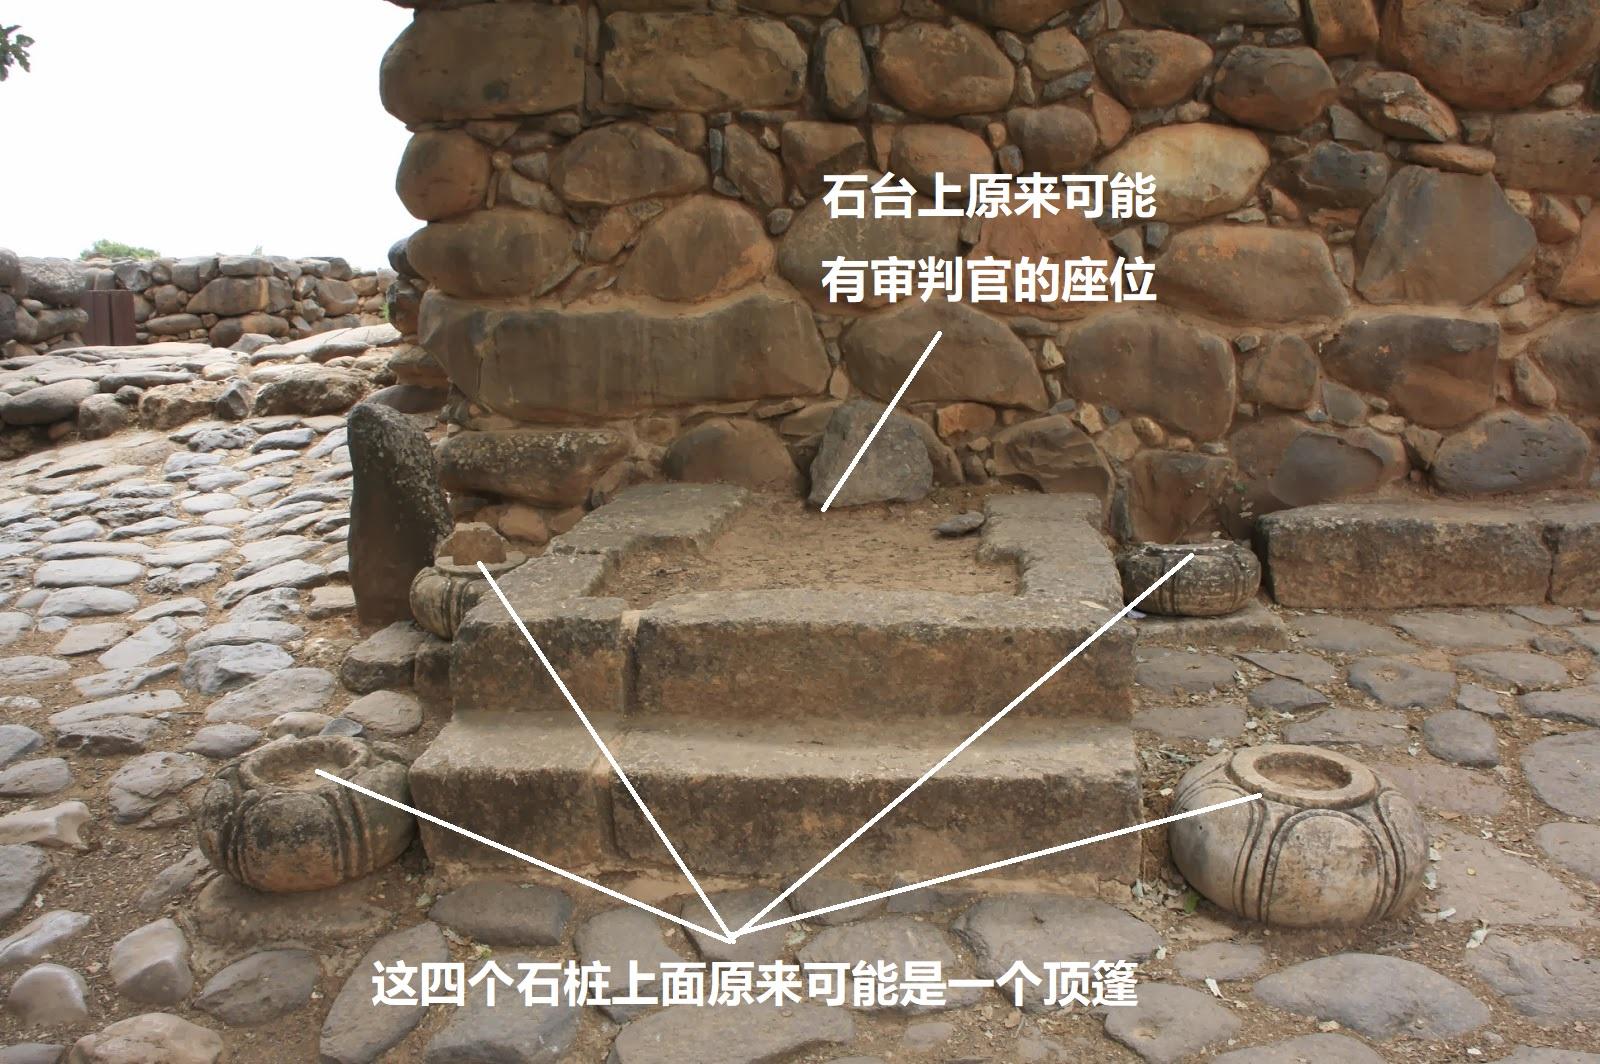 上图:但城遗址(Tel Dan)城门口的座位,用于礼仪、诉讼。石台上原来可能有顶篷遮盖,上面可能设有宝座。